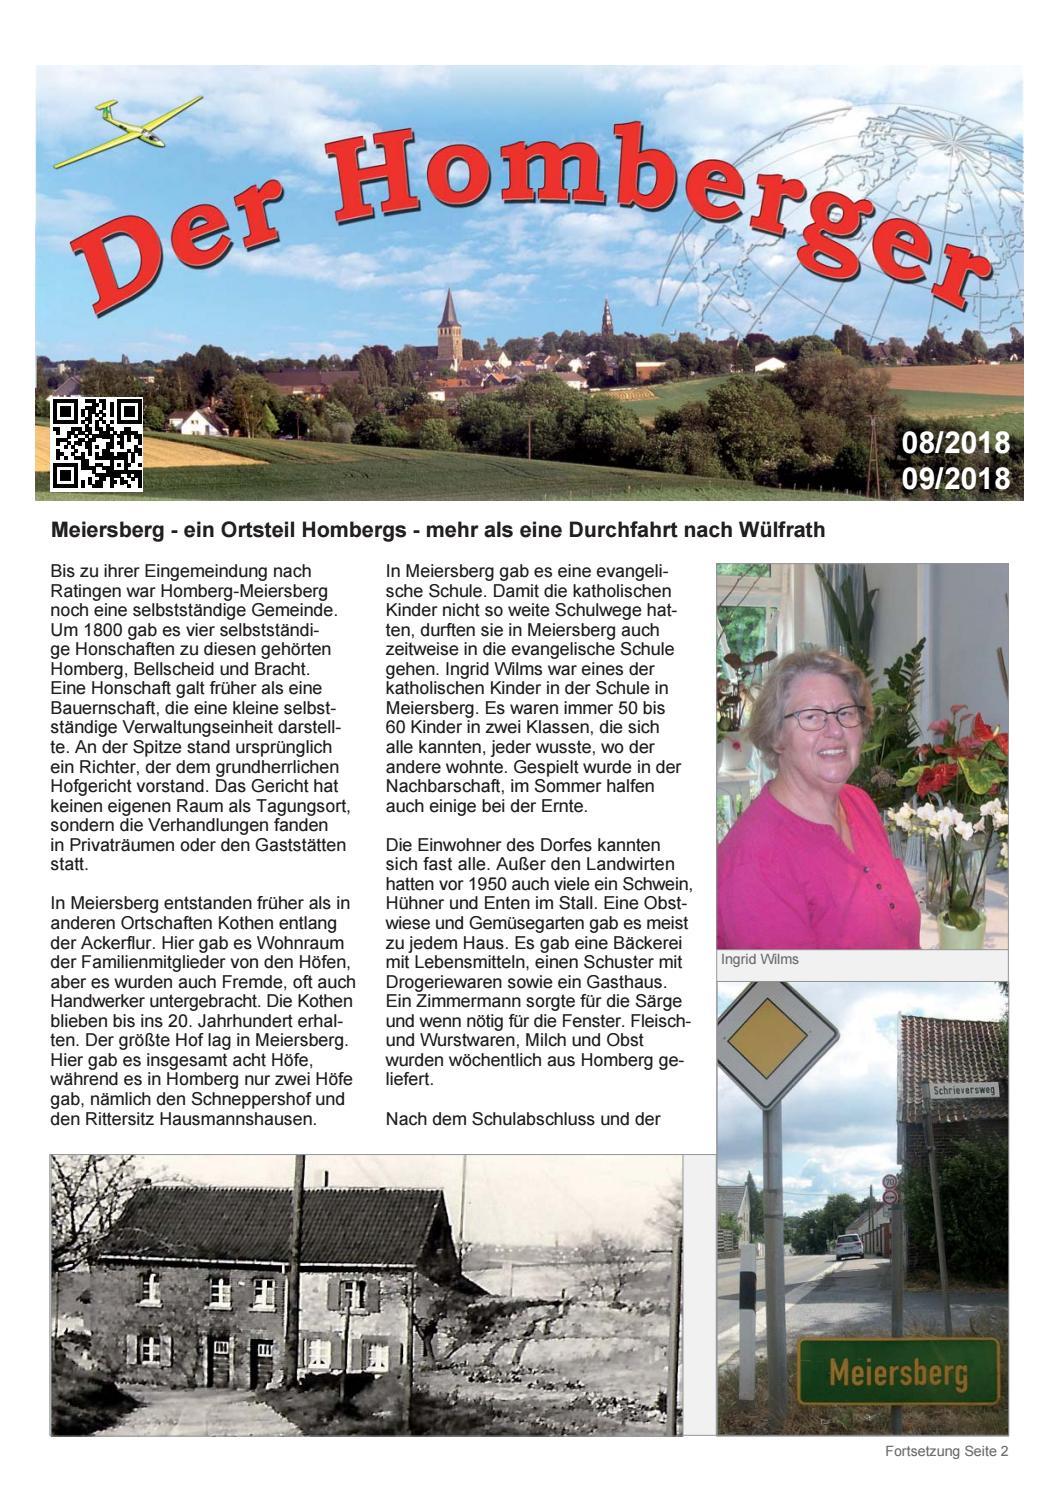 foto de Der Homberger 2018 08 by DerHomberger - issuu